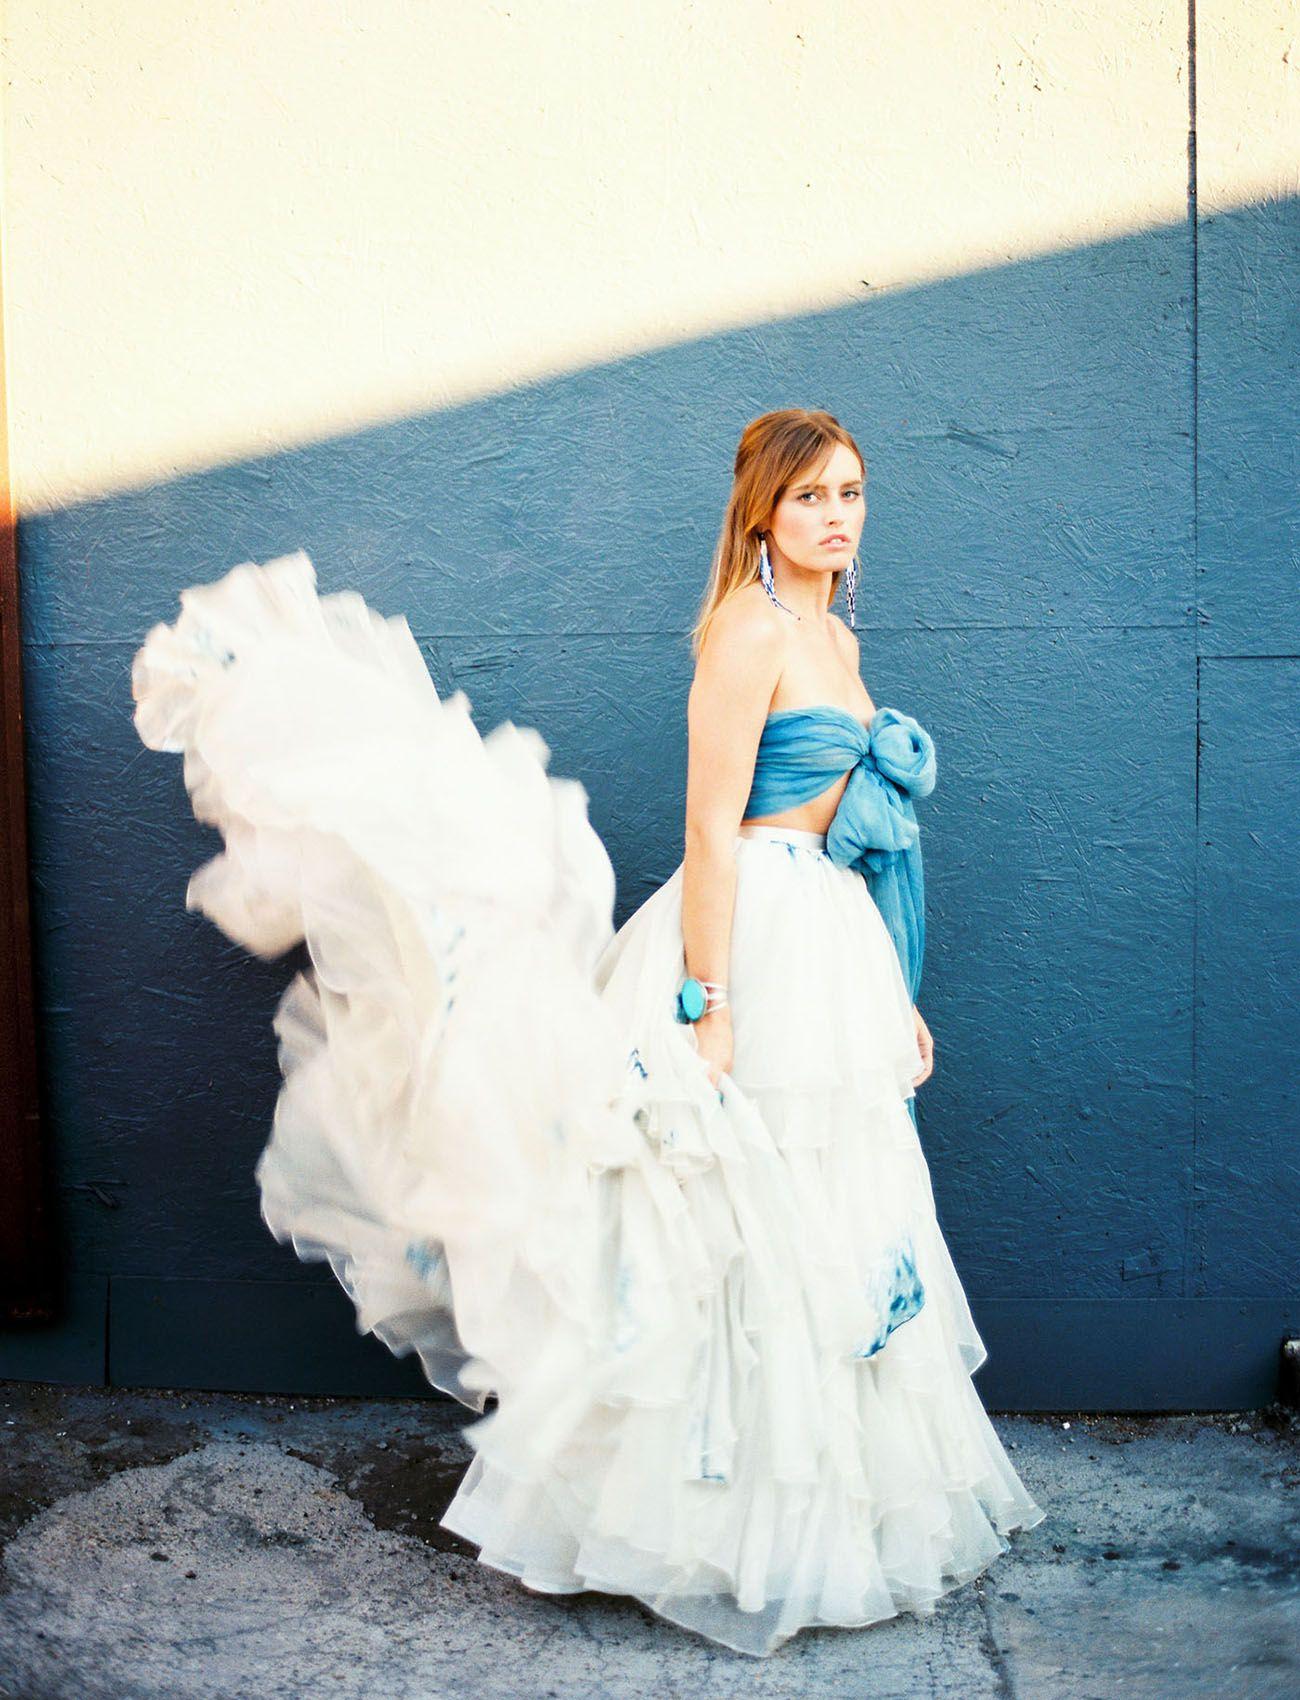 Abstract Art Bridal Inspiration: Abstract Art Wedding Dress At Websimilar.org